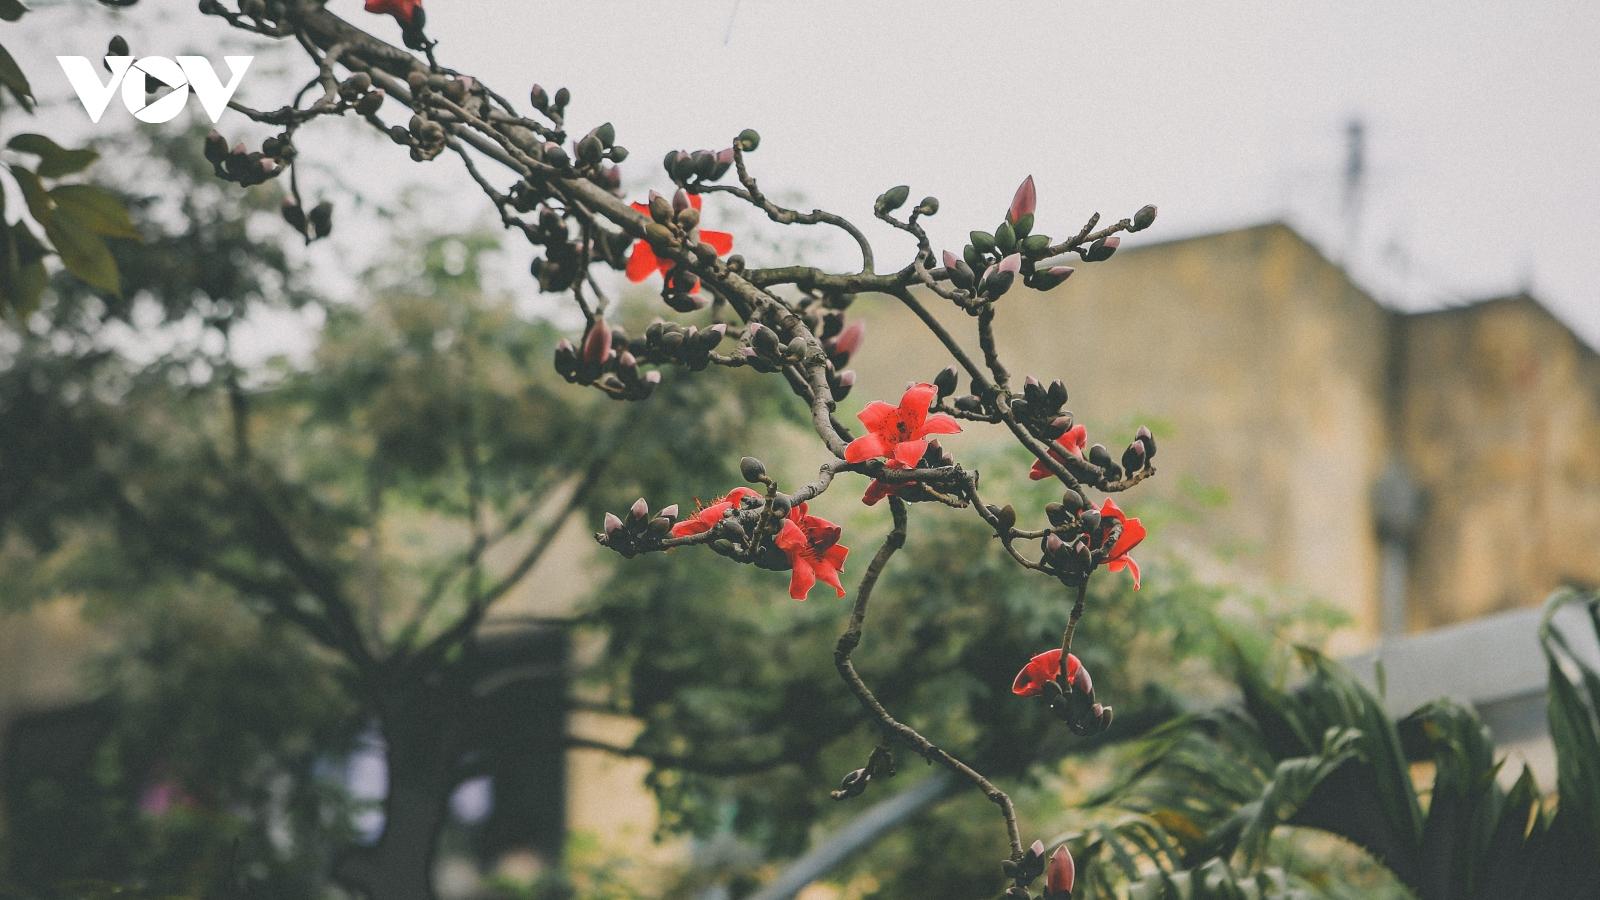 Tháng 3 Hà Nội rực rỡ mùa mộc miên thắp lửa